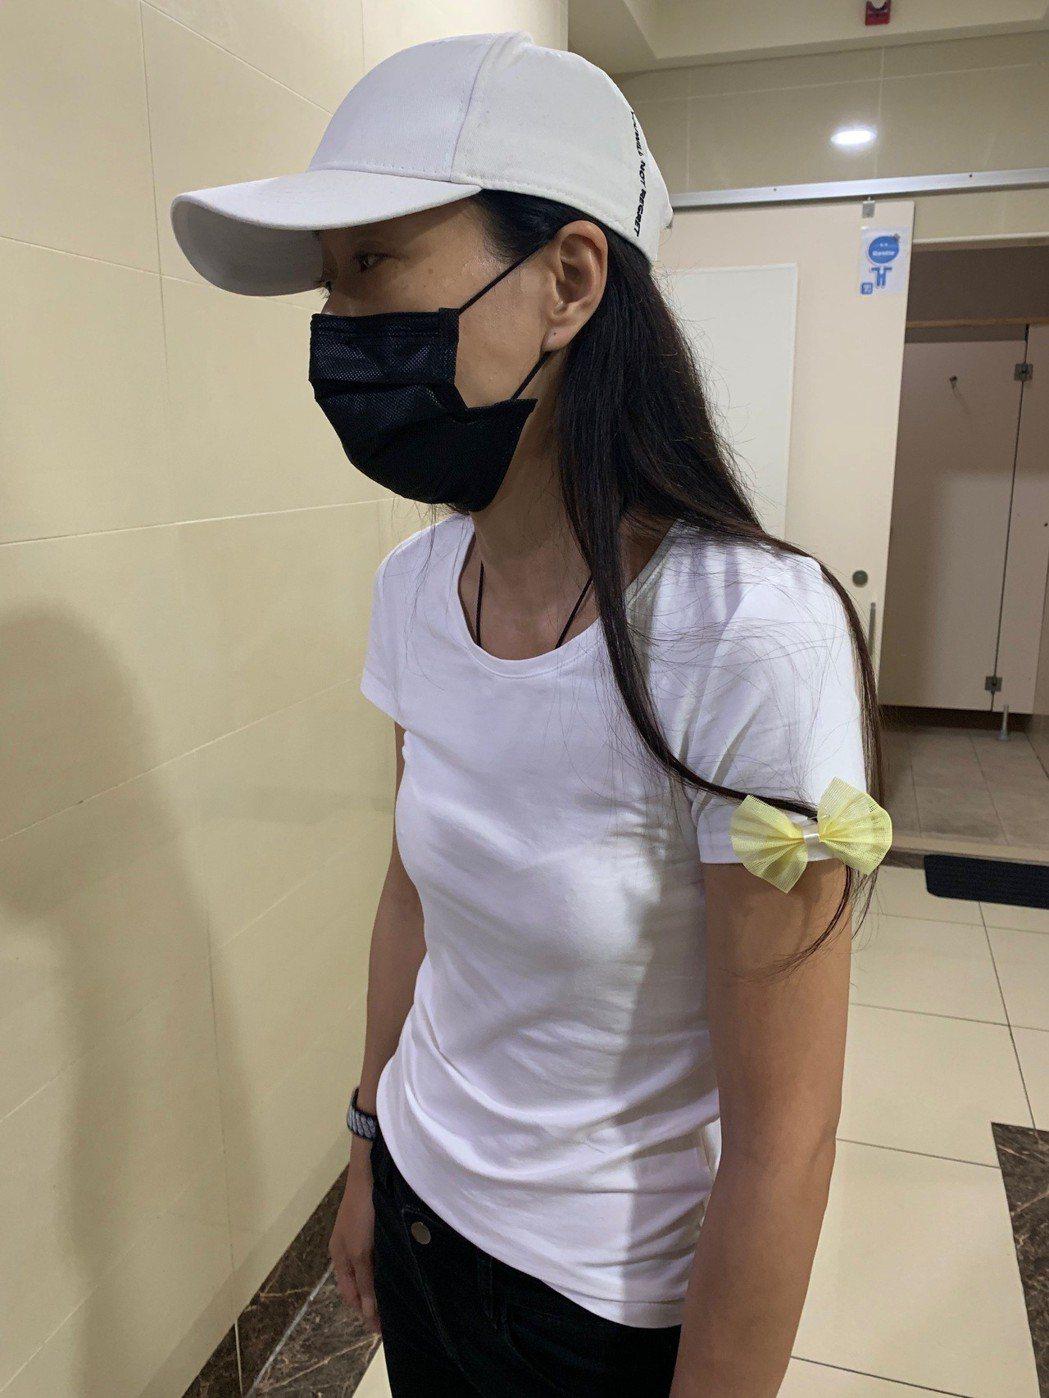 馬如龍四女兒黃詠淇不到一個月失去2至親深受打擊,身影消瘦。記者陳慧貞/攝影